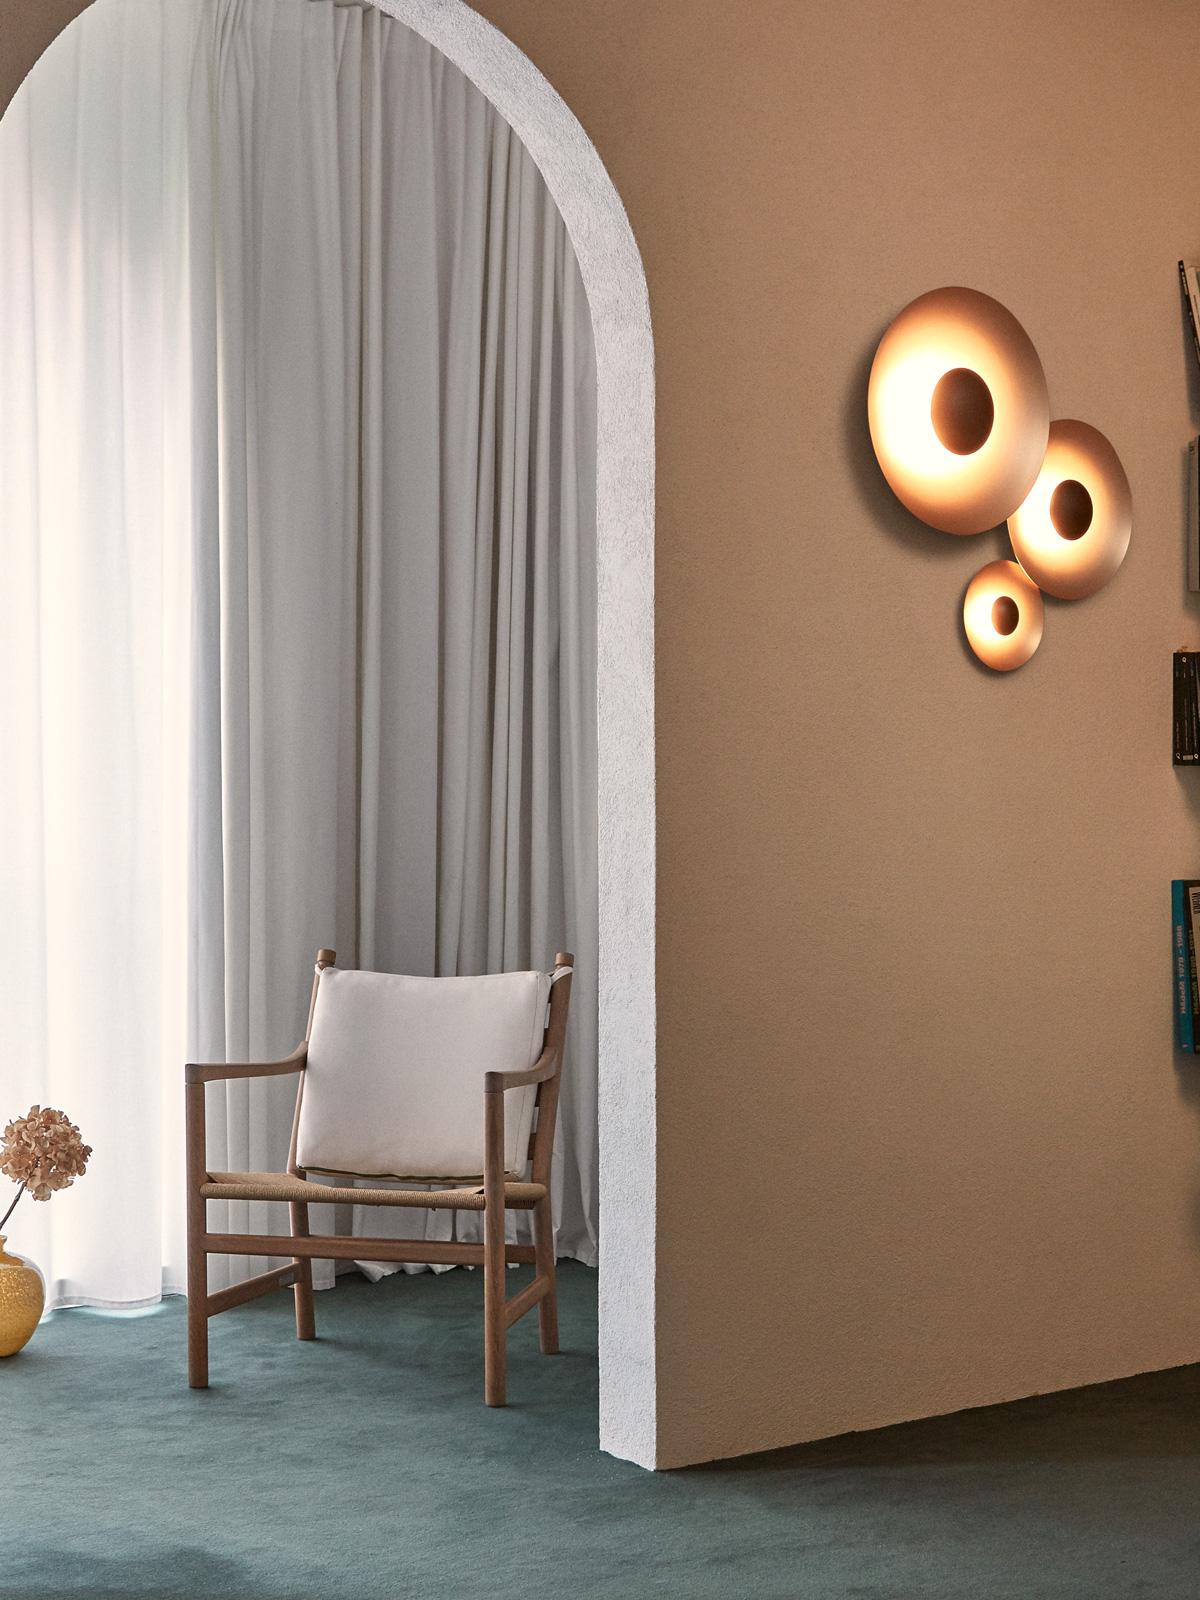 Ginger C Wandleuchte im Flur DesignOrt Marset Lampen